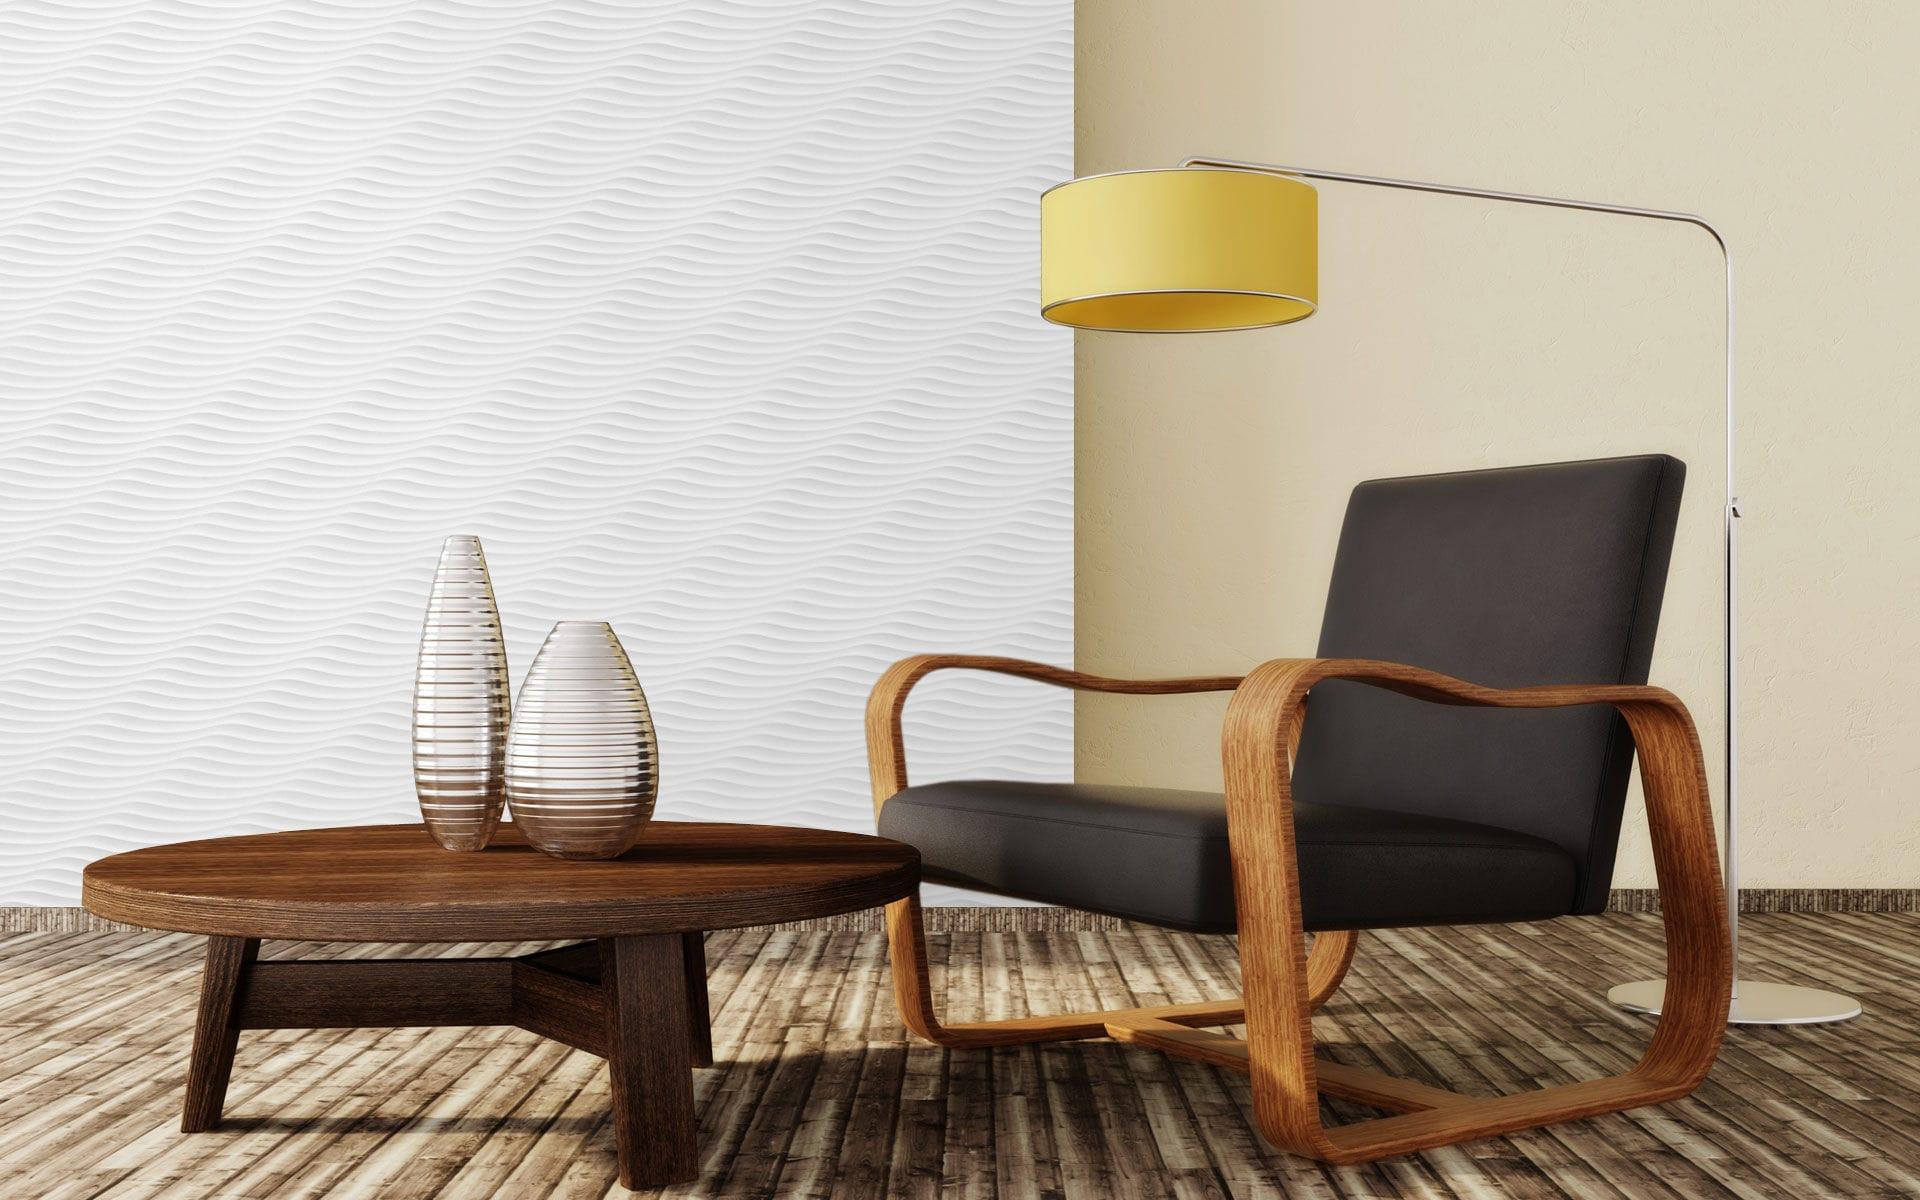 panel de madera de fibra de madera para mueble de pared onda